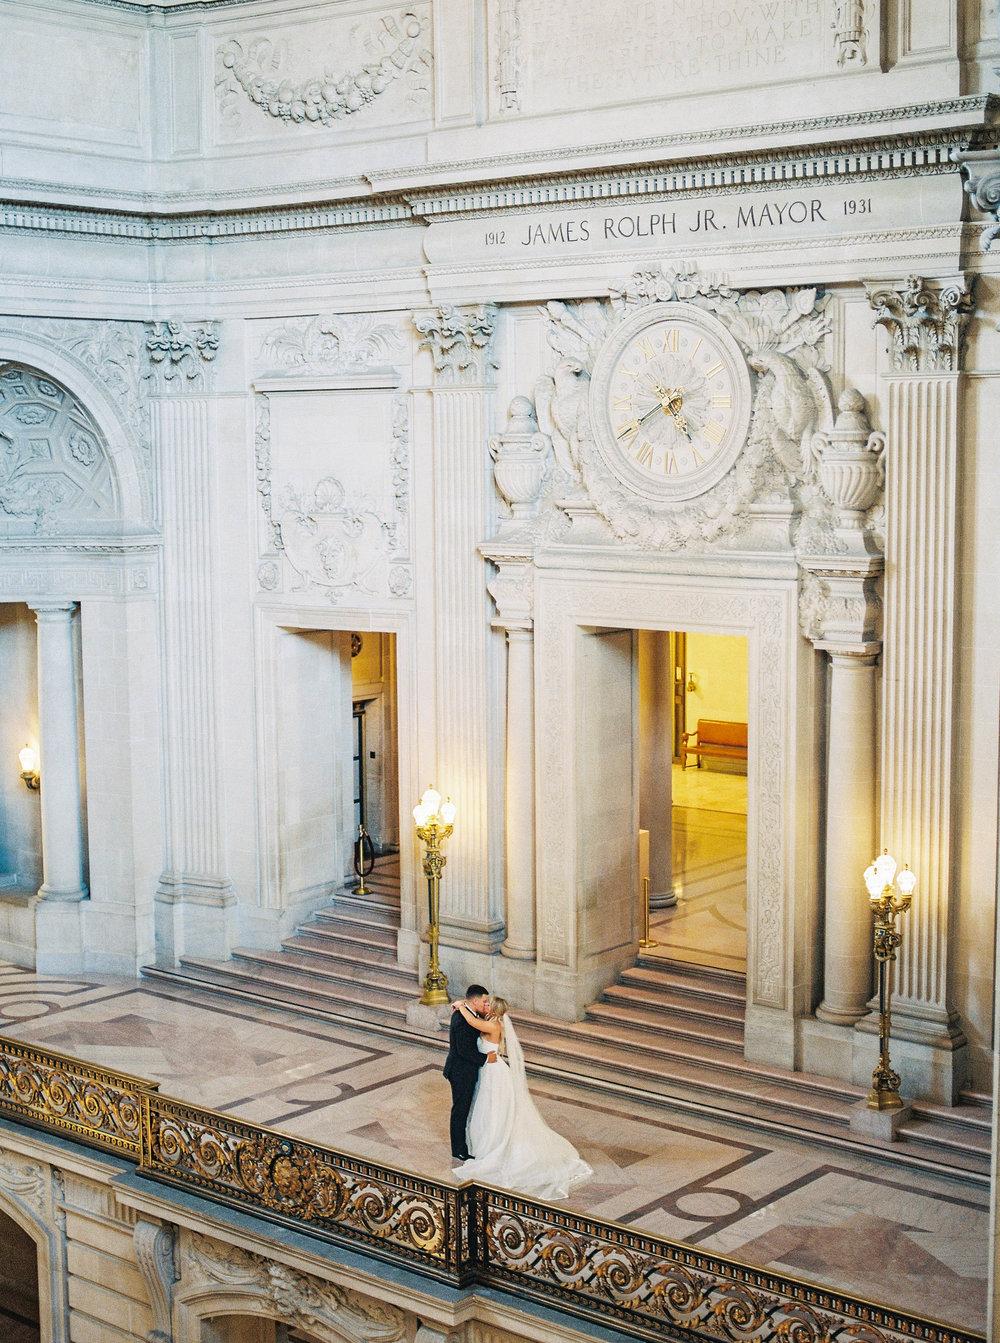 DennisRoyCoronel_Photography_SanFranciscoCityHall_Wedding-101.jpg